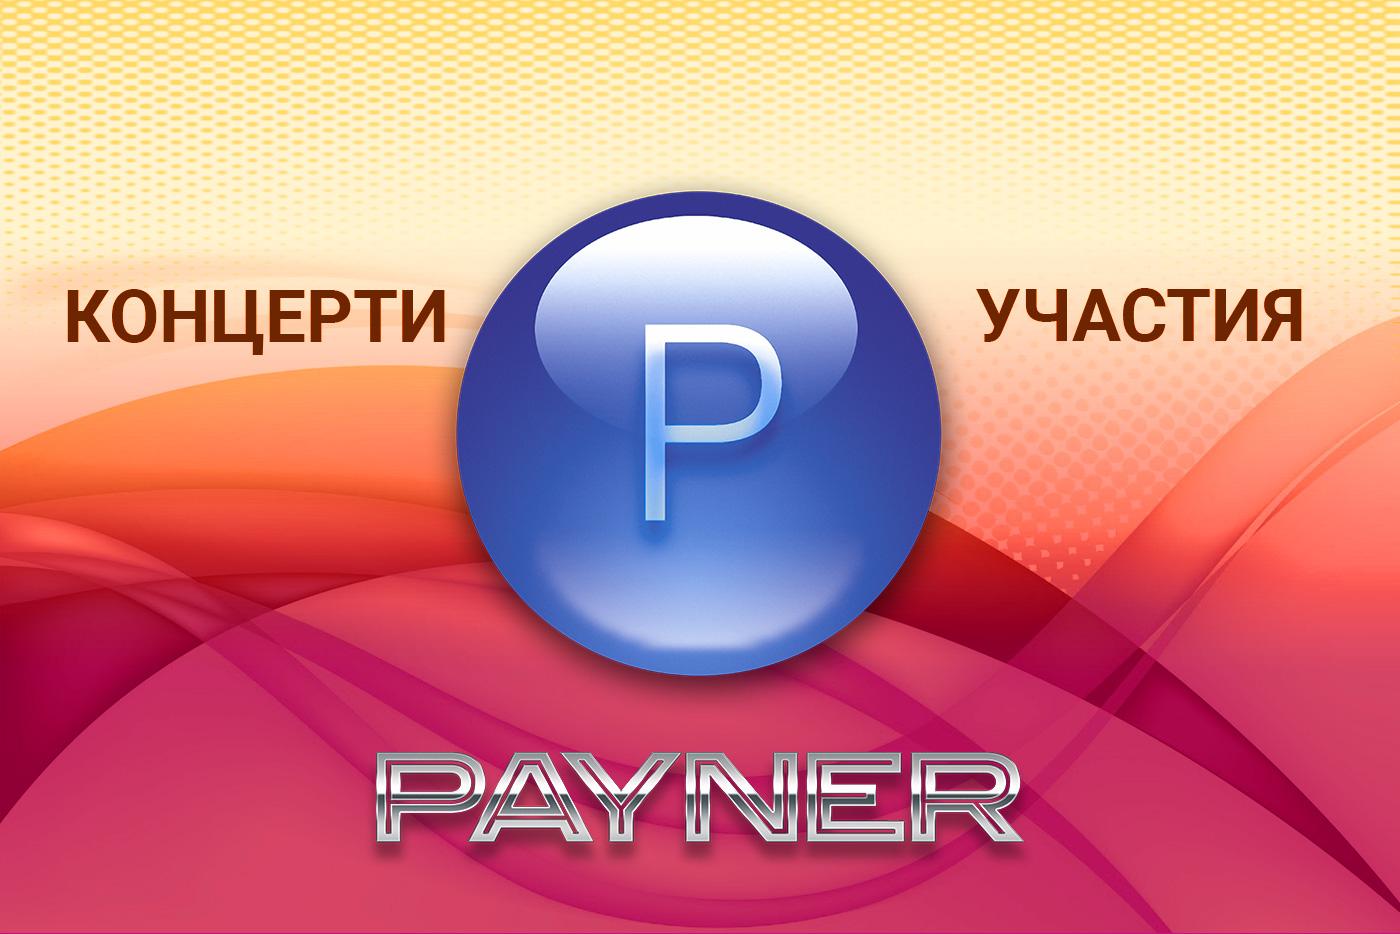 """Участия на звездите на """"Пайнер"""" на 16.03.2019"""